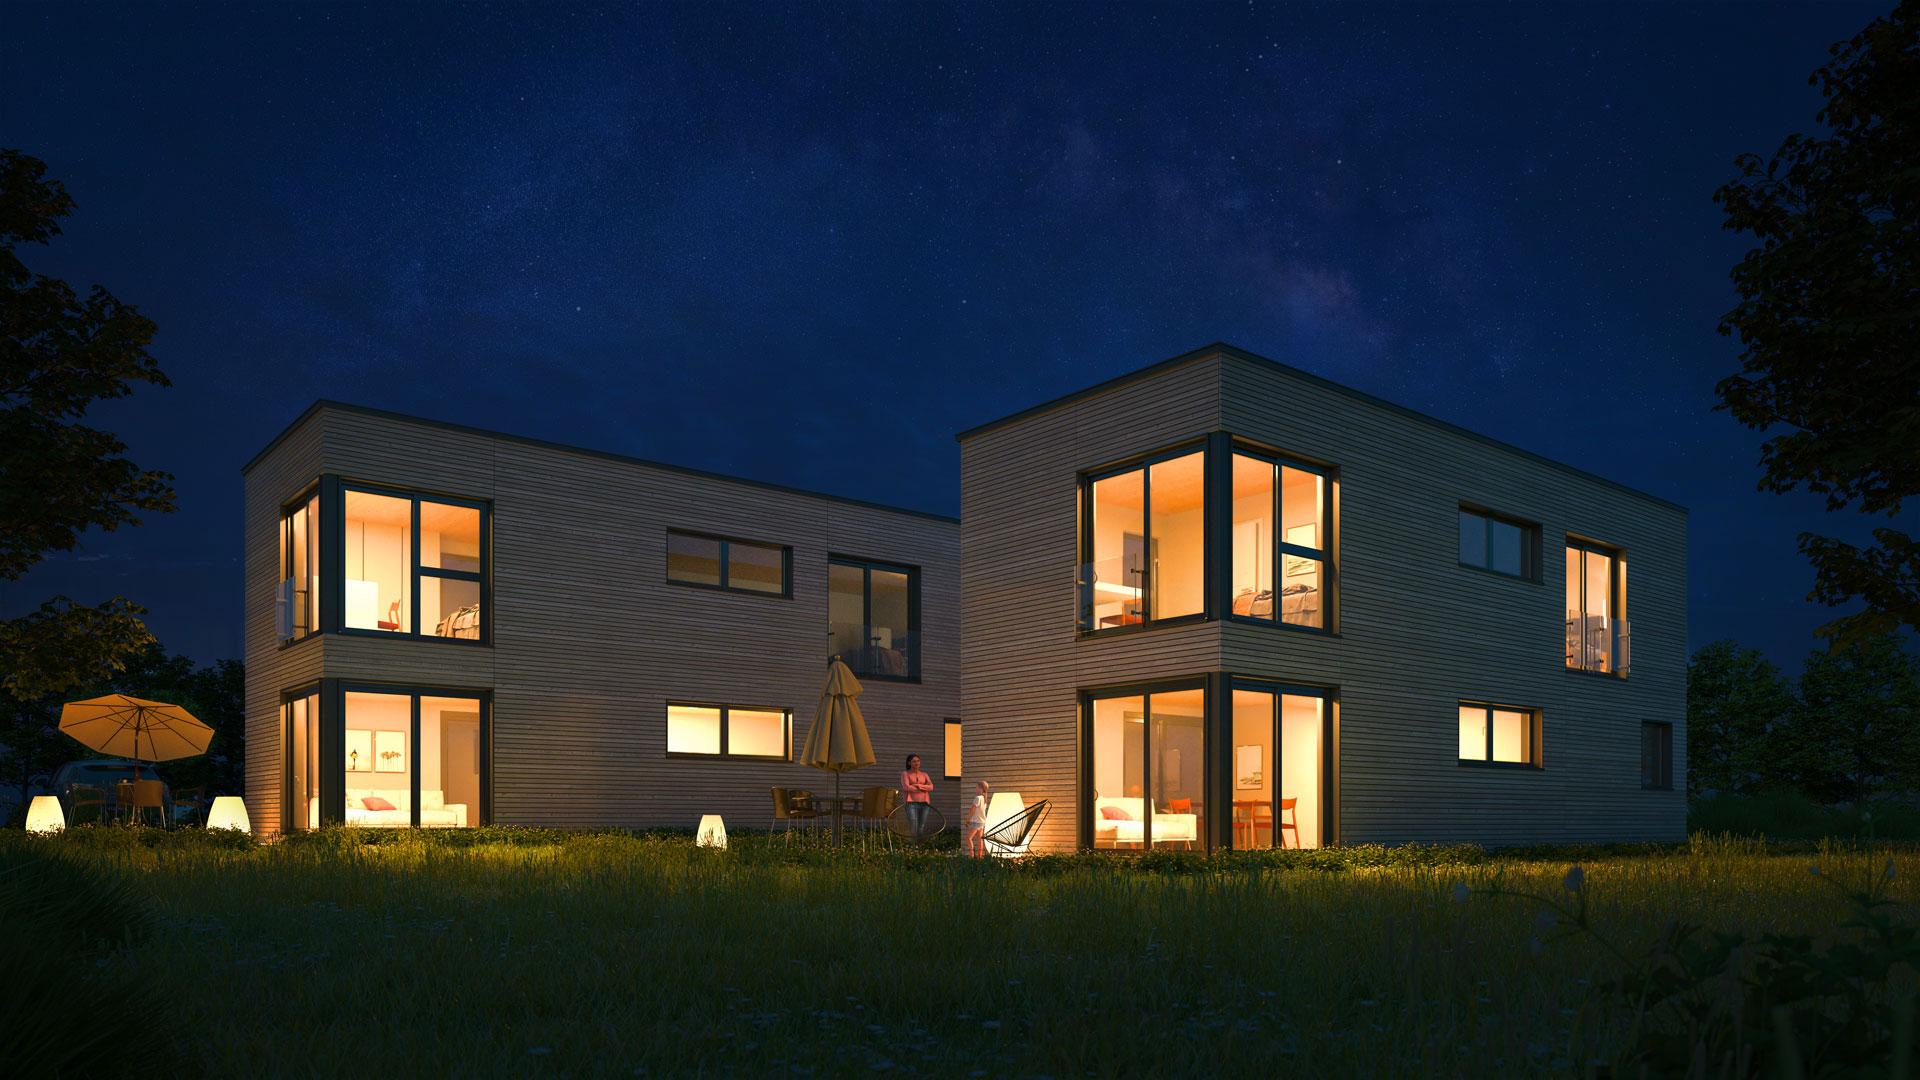 Modernes Holzhaus, gesundes Wohnklima, nachhaltig, energieeffizient